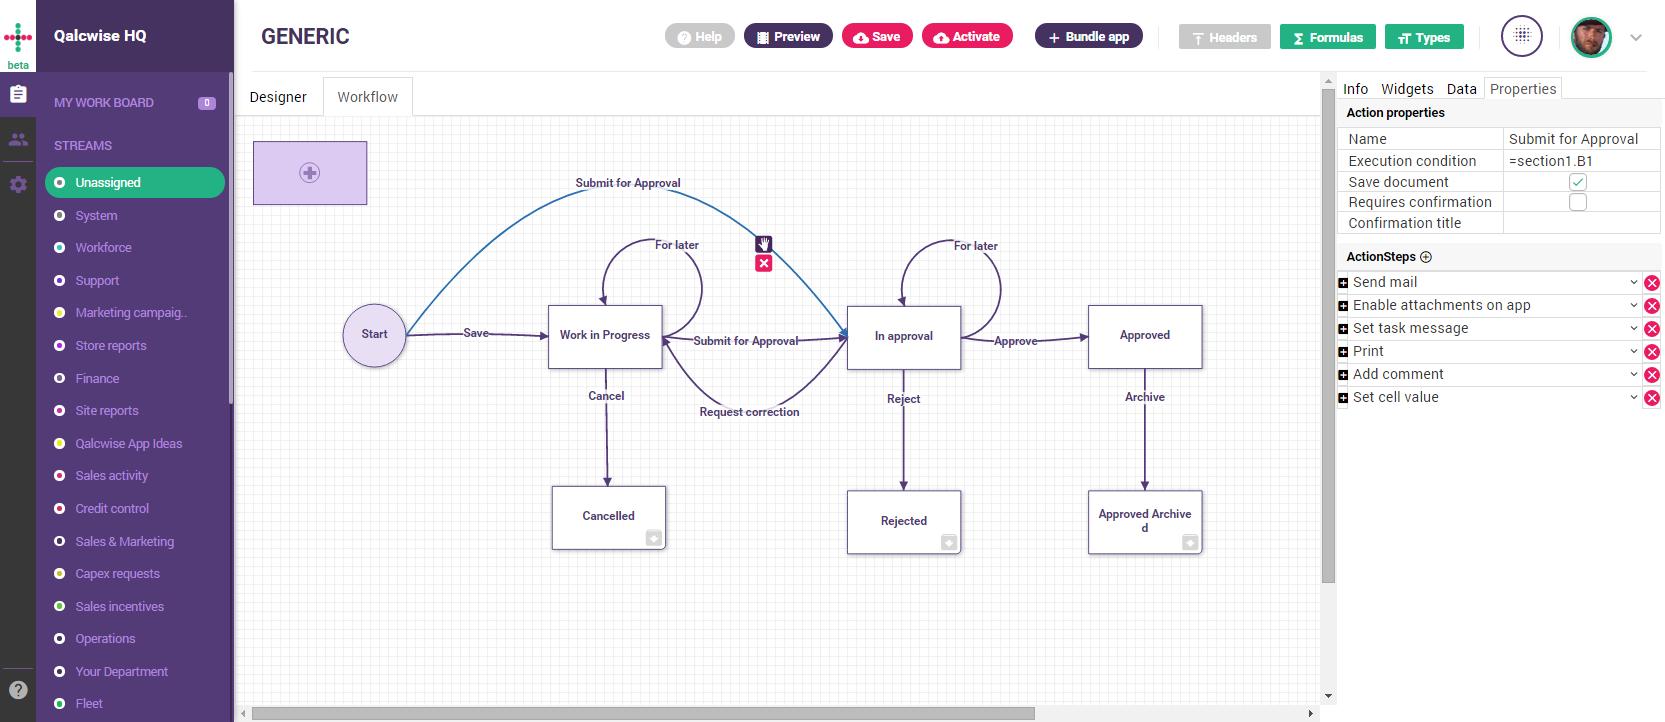 Qalcwise Demo - Workflow